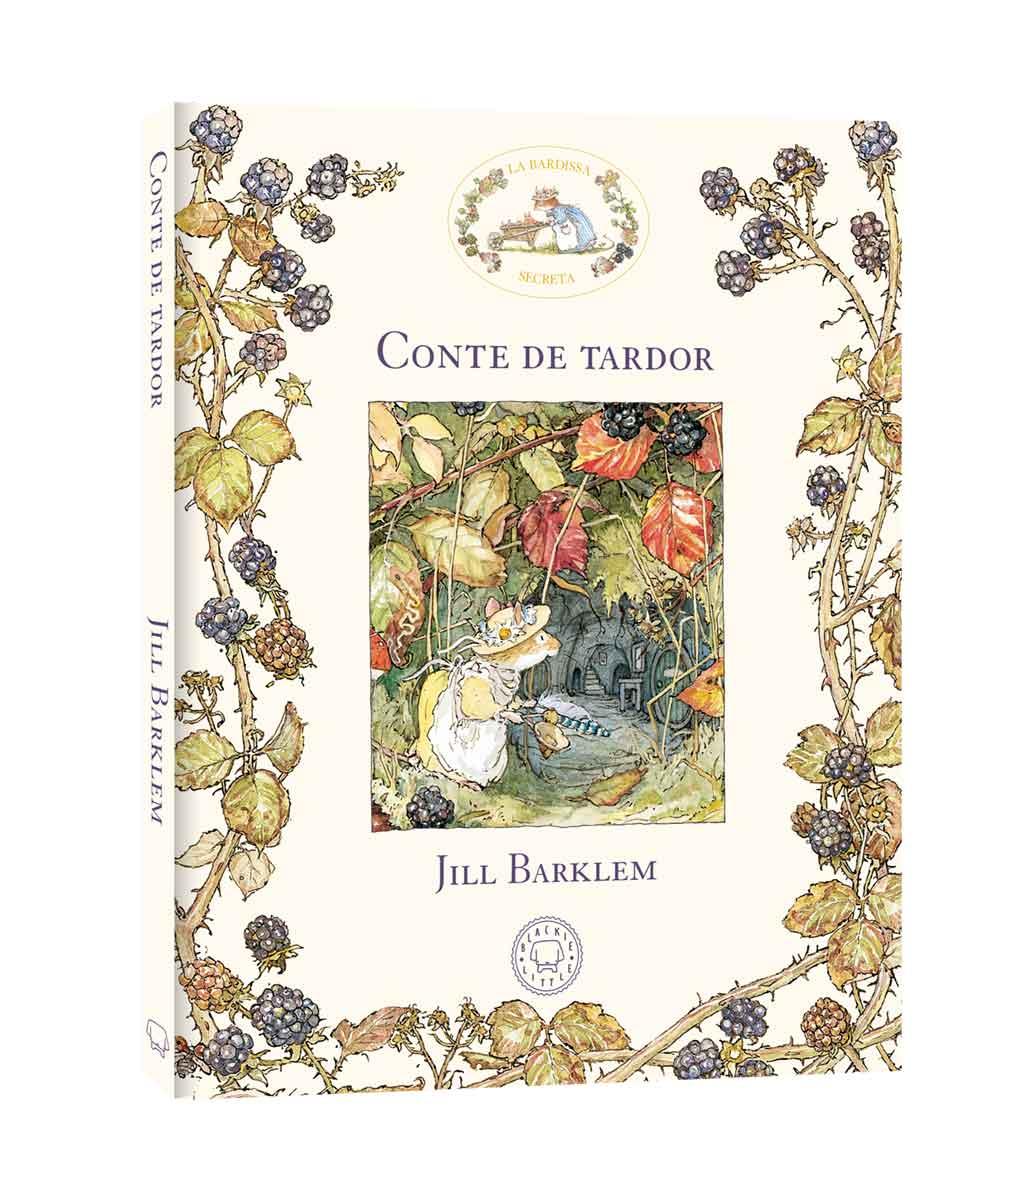 Conte de tardor Brambly Hedge Catalan Translations